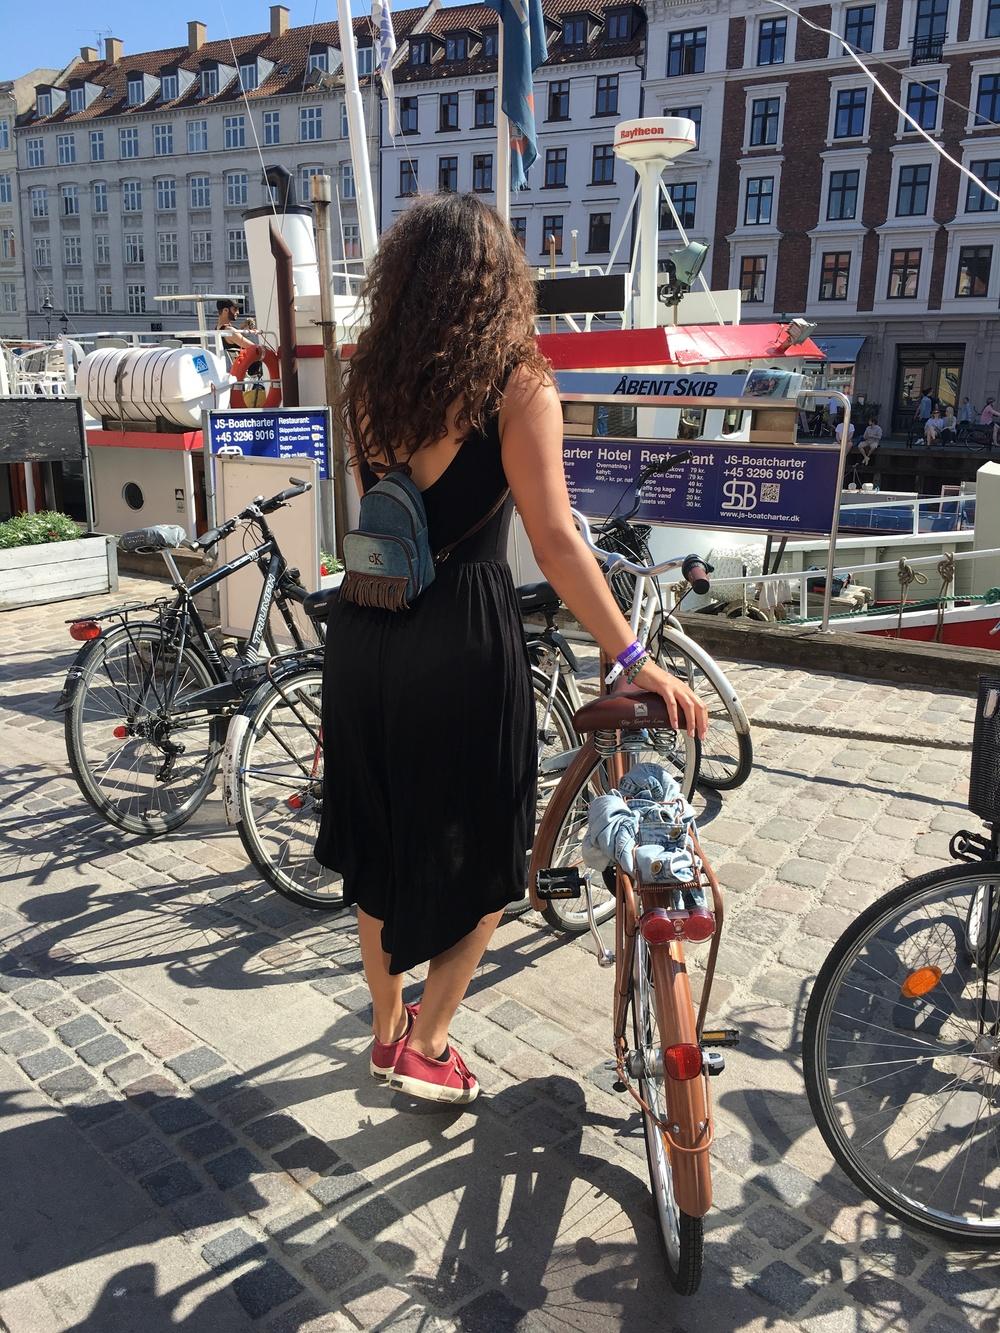 elegant on her bike